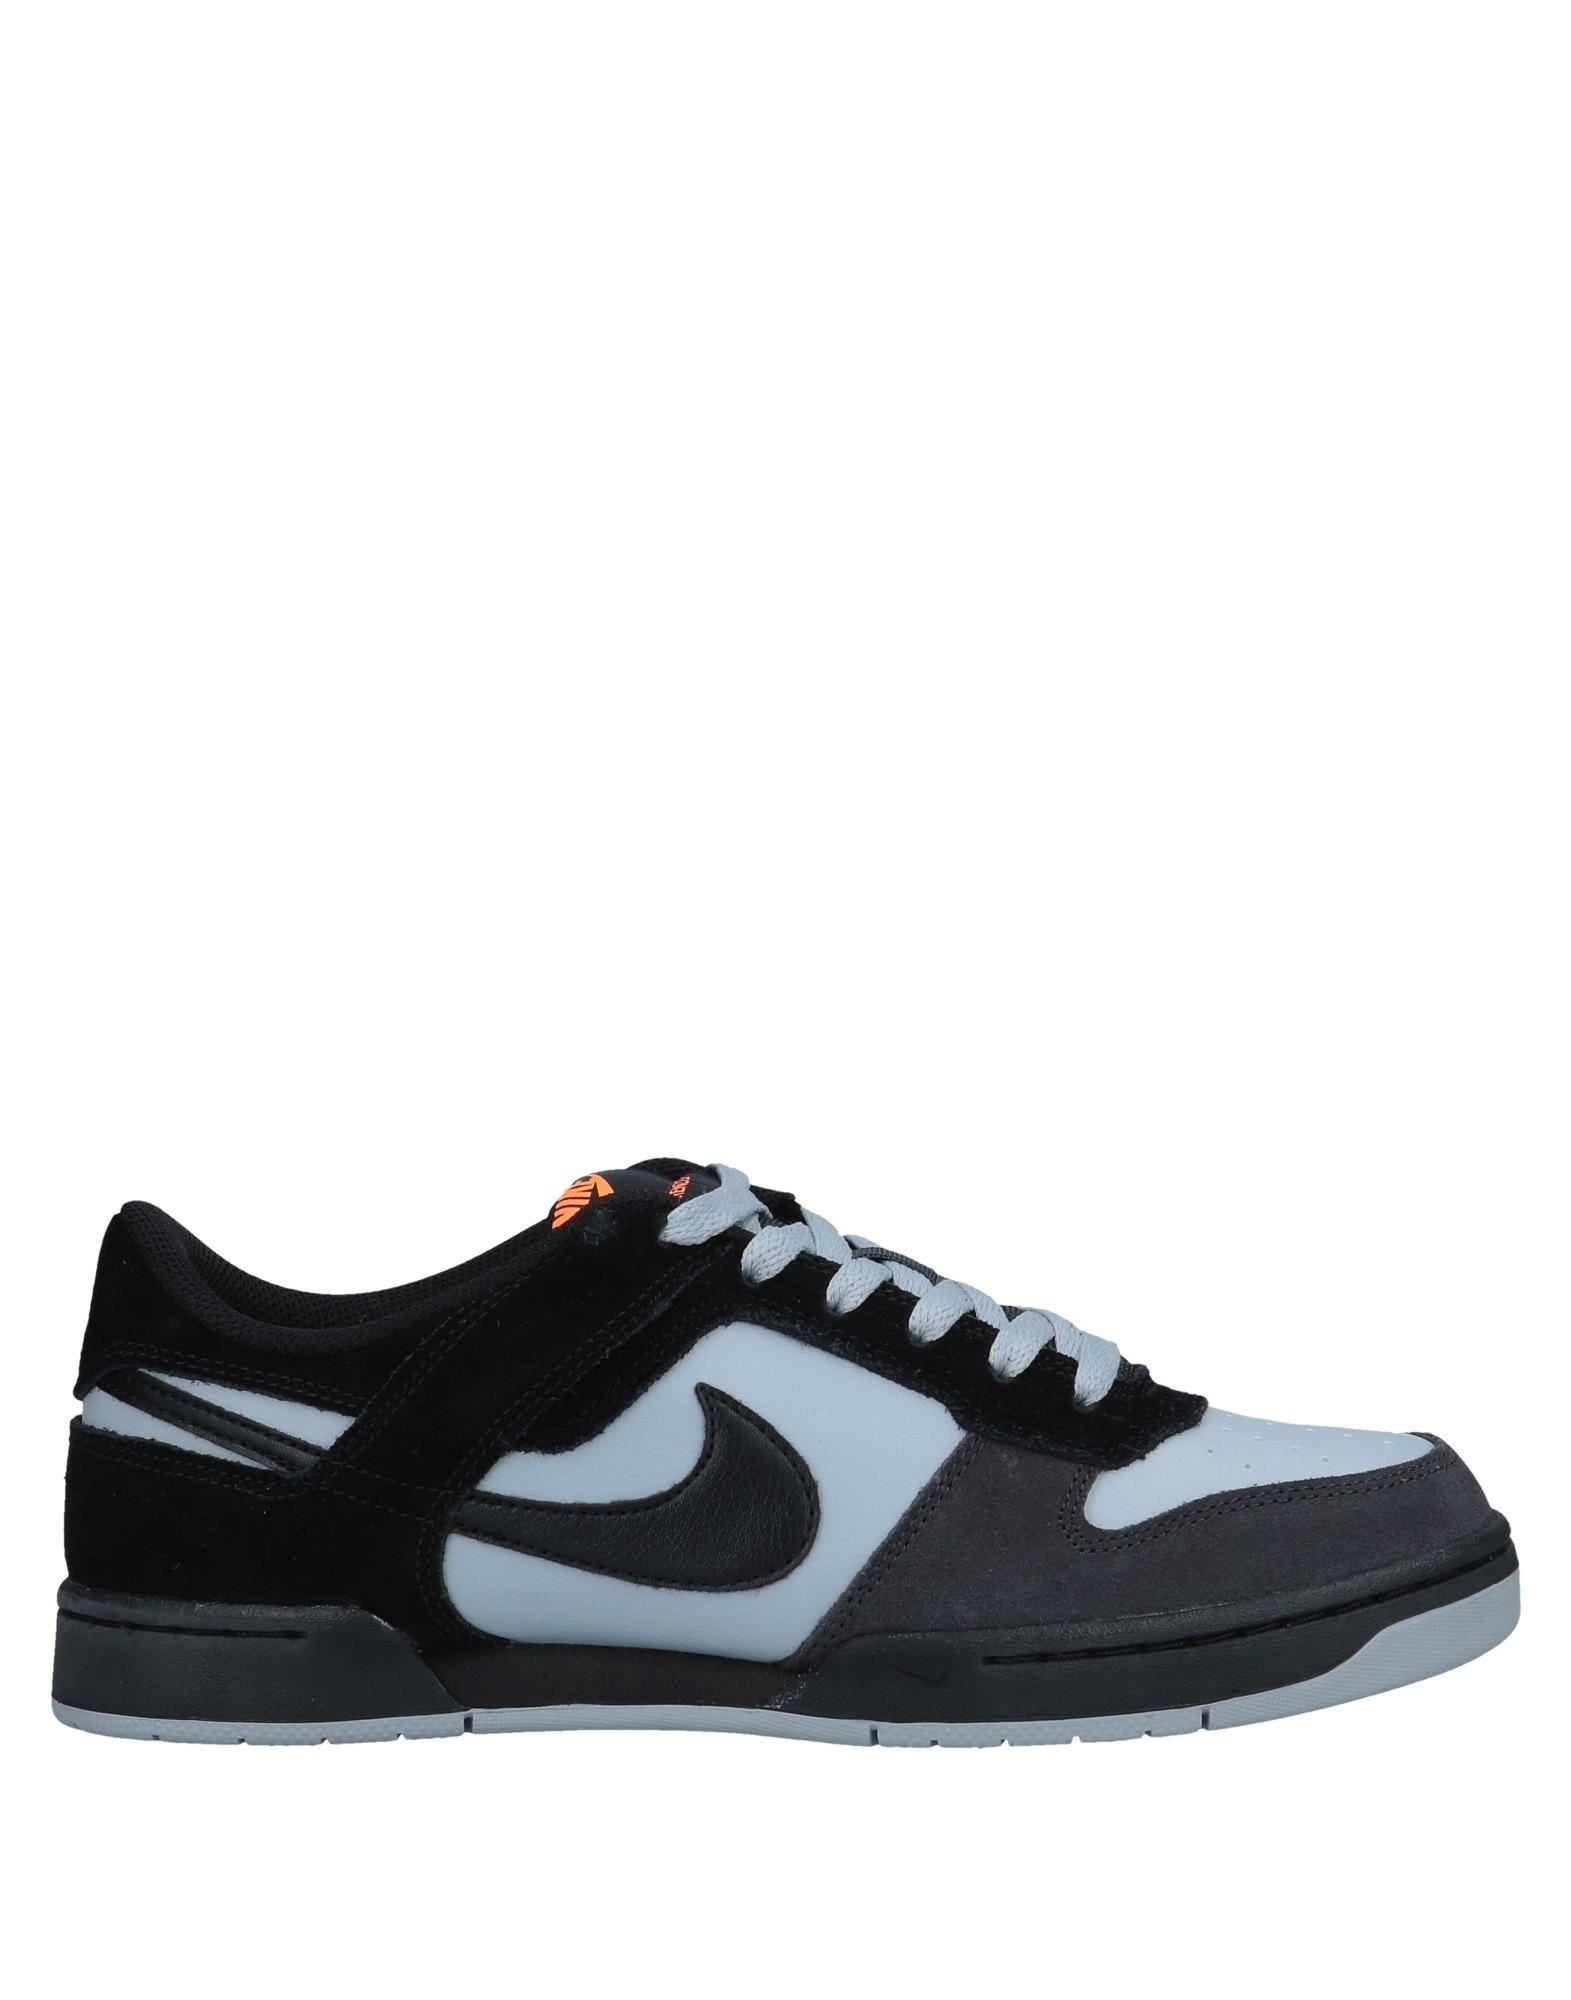 Rabatt echte  Schuhe Nike Sneakers Herren  echte 11549188VI d225b6